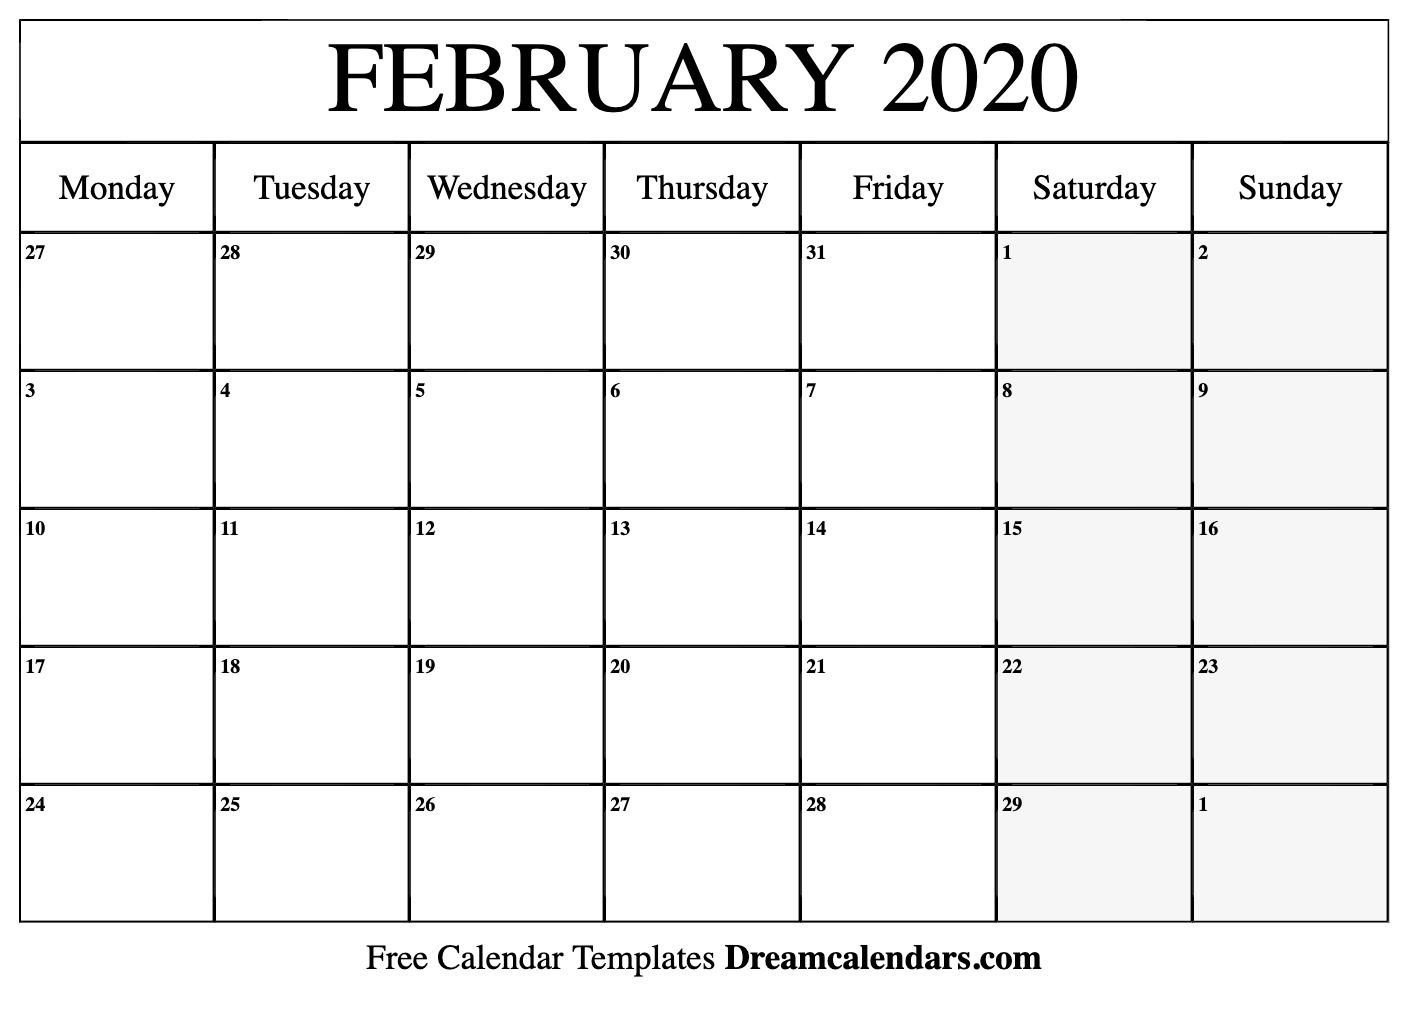 Calendar February 2020 - Tunu.redmini.co